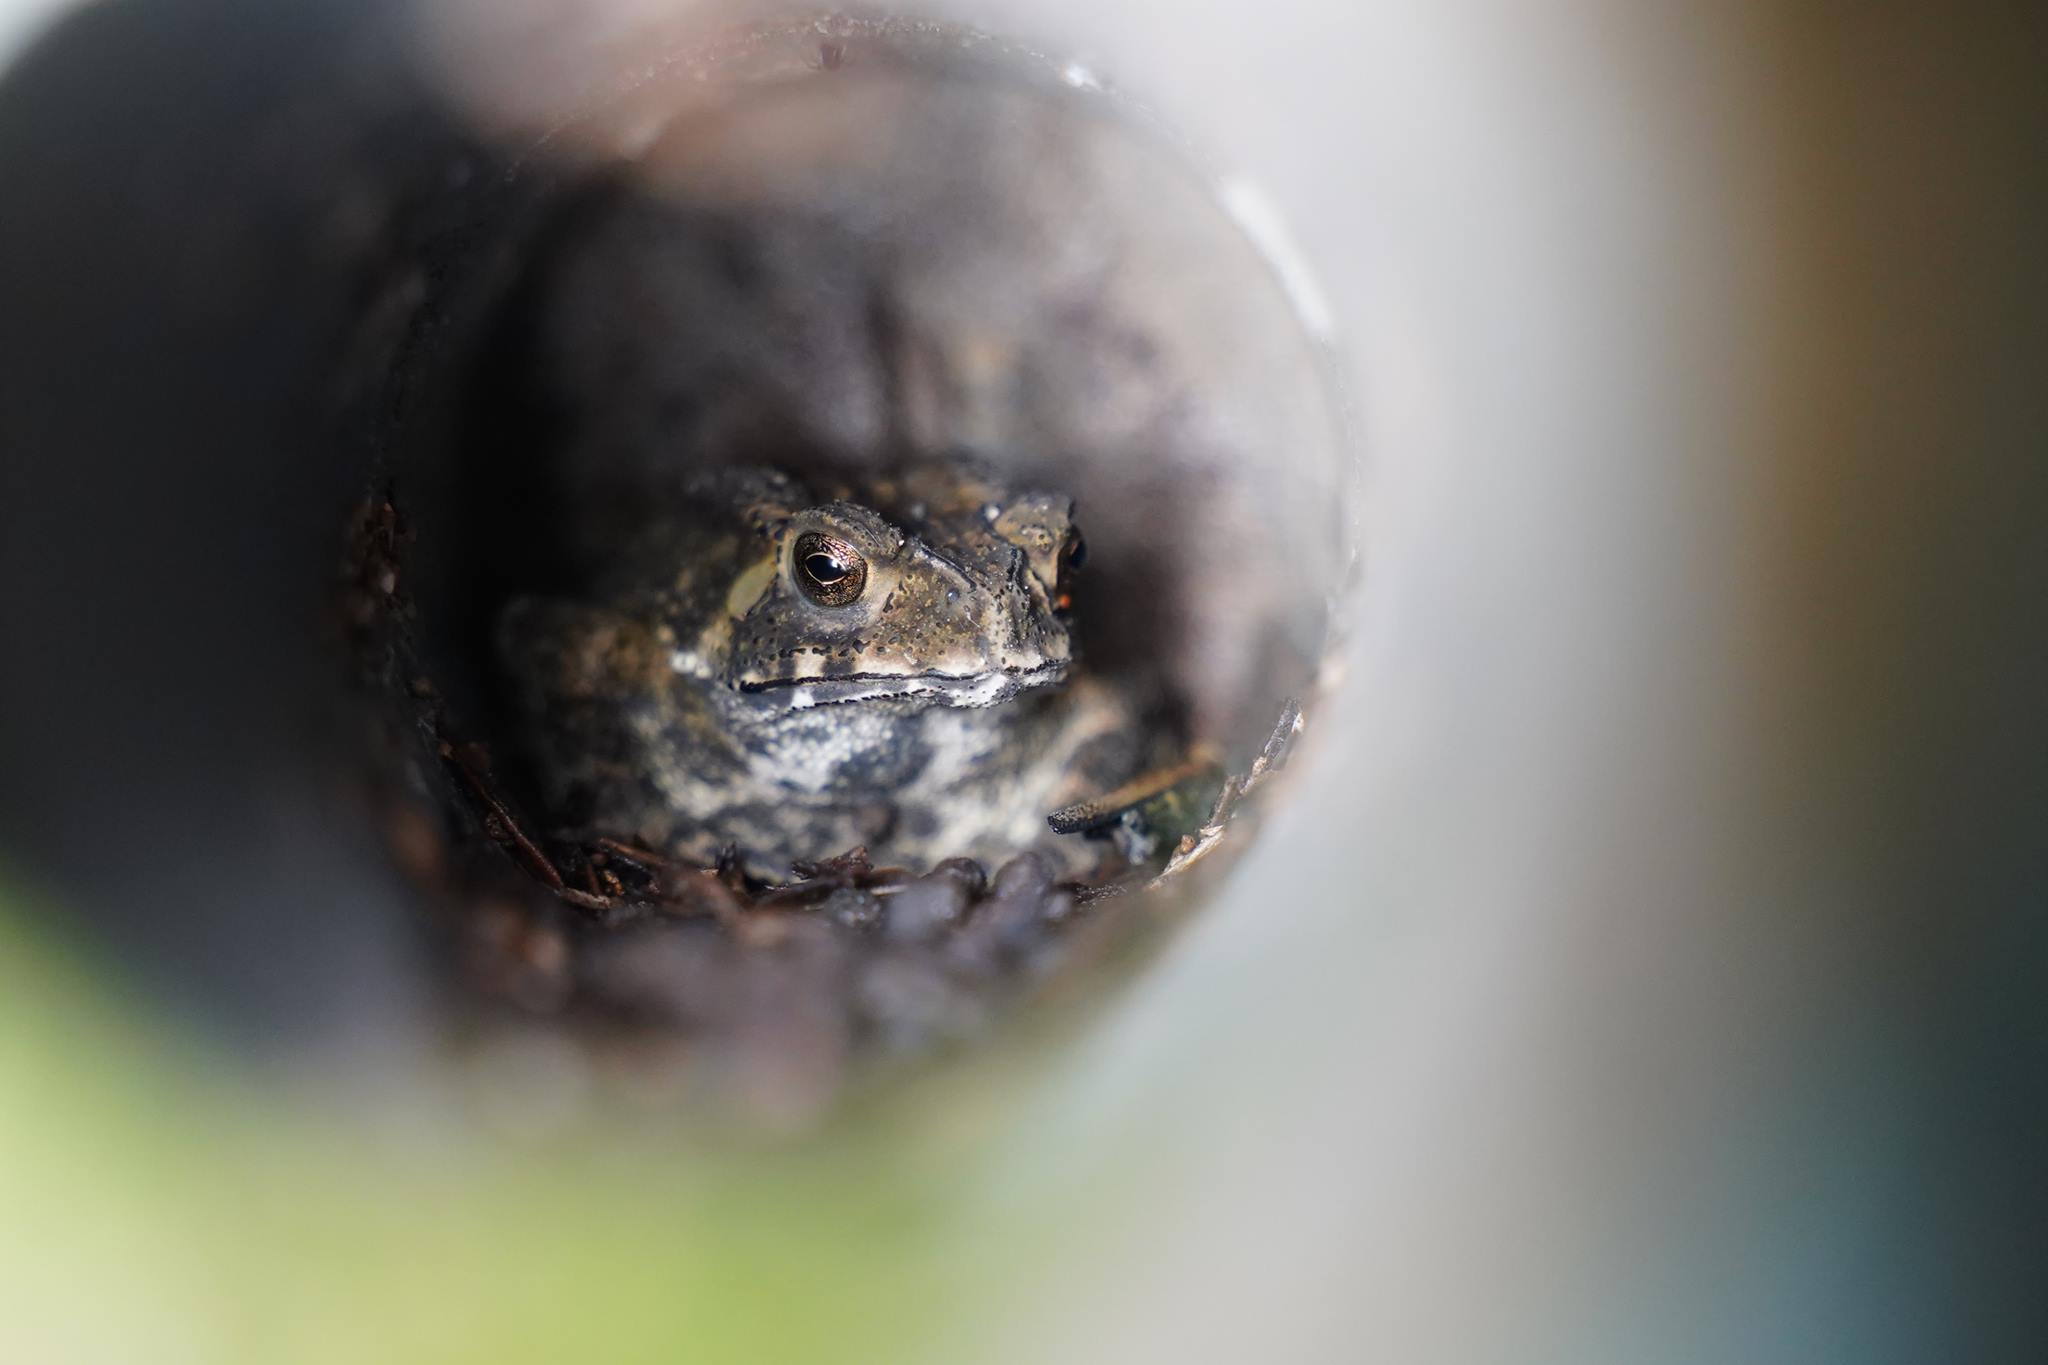 虎紋蛙 Chinese Bullfrog?